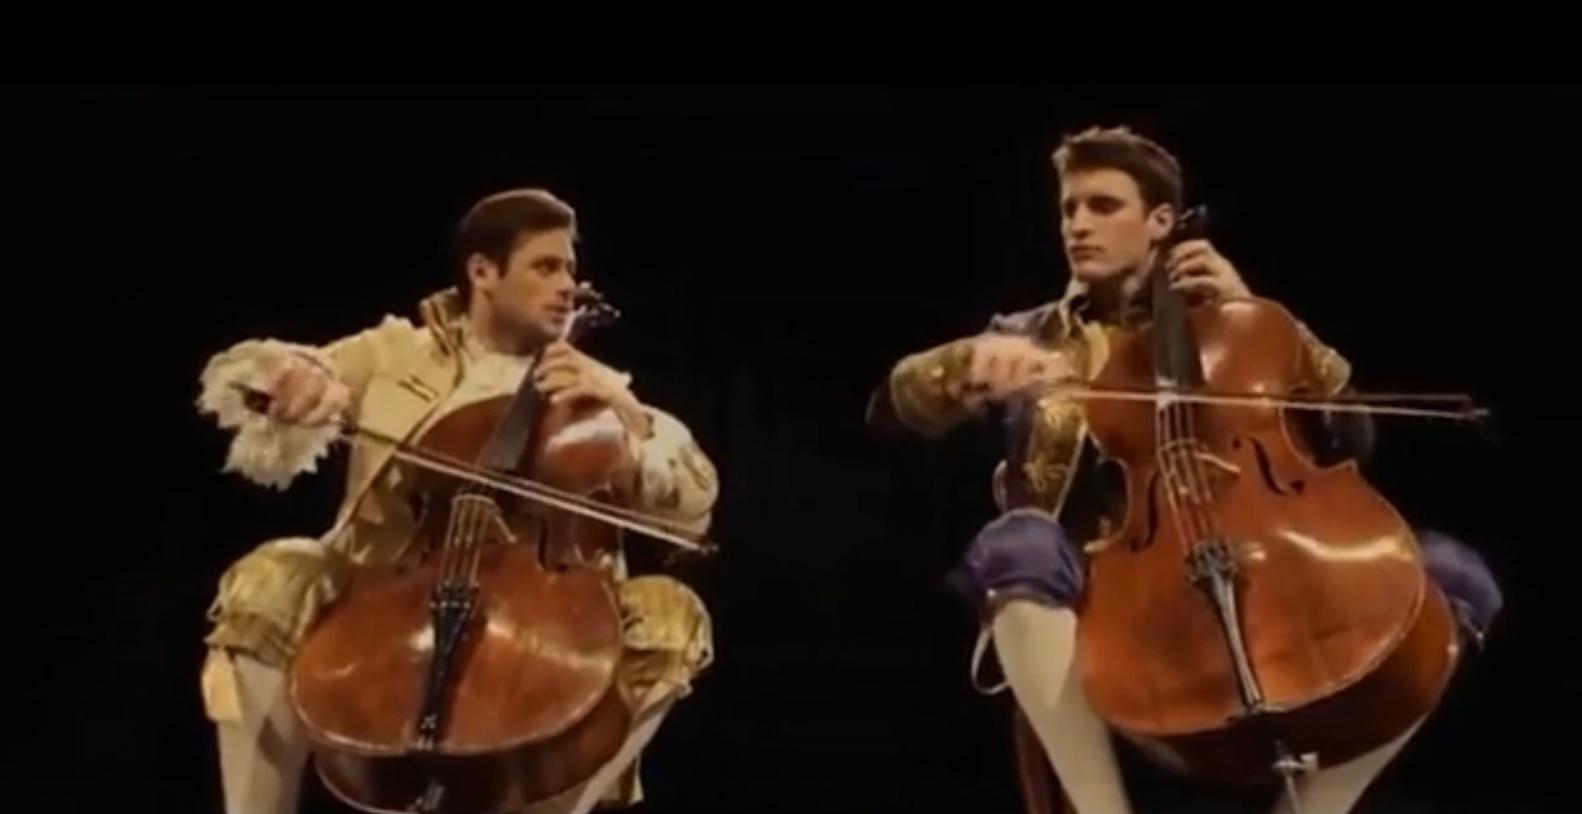 Violoncelistas croatas Luka Sulic e Stjepan Hauser fazem cover de AC/DC e bombam na internet